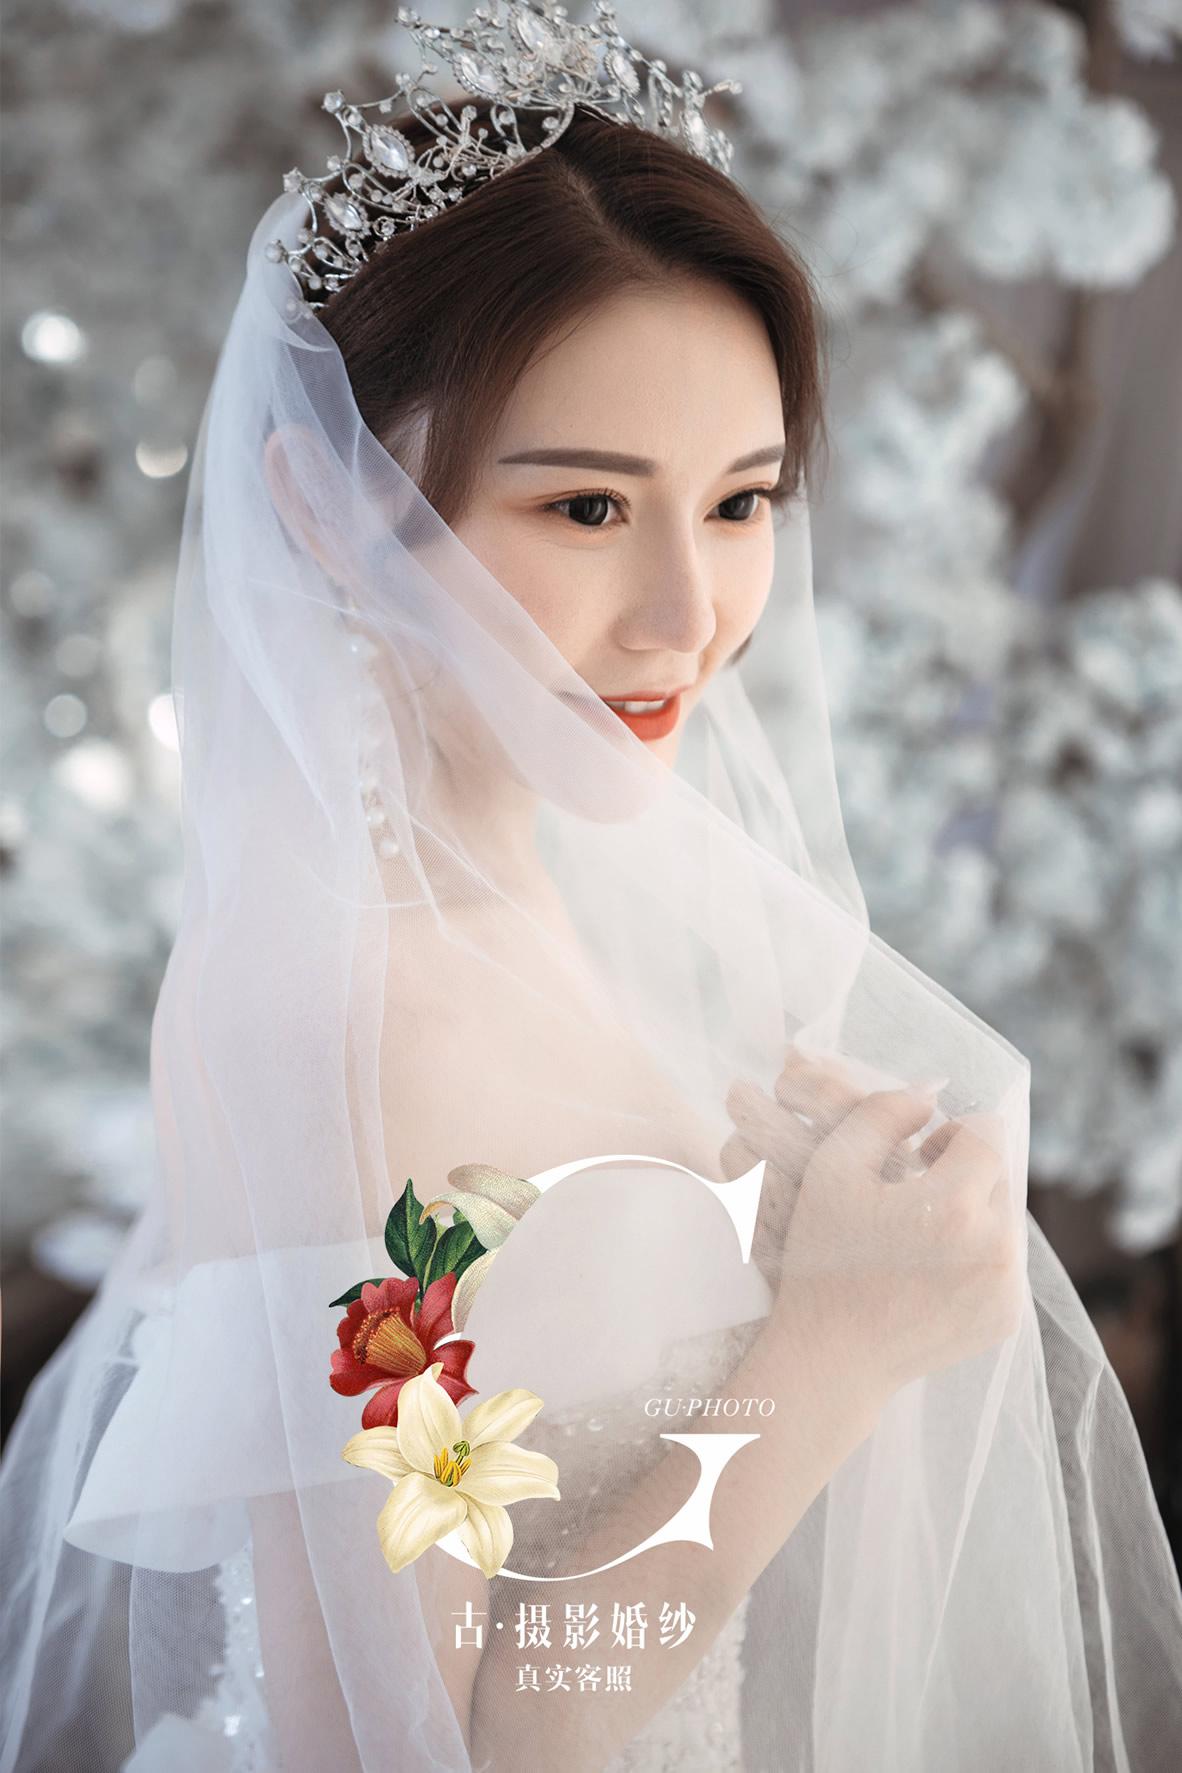 李先生 小麦 - 每日客照 - 古摄影婚纱艺术-古摄影成都婚纱摄影艺术摄影网